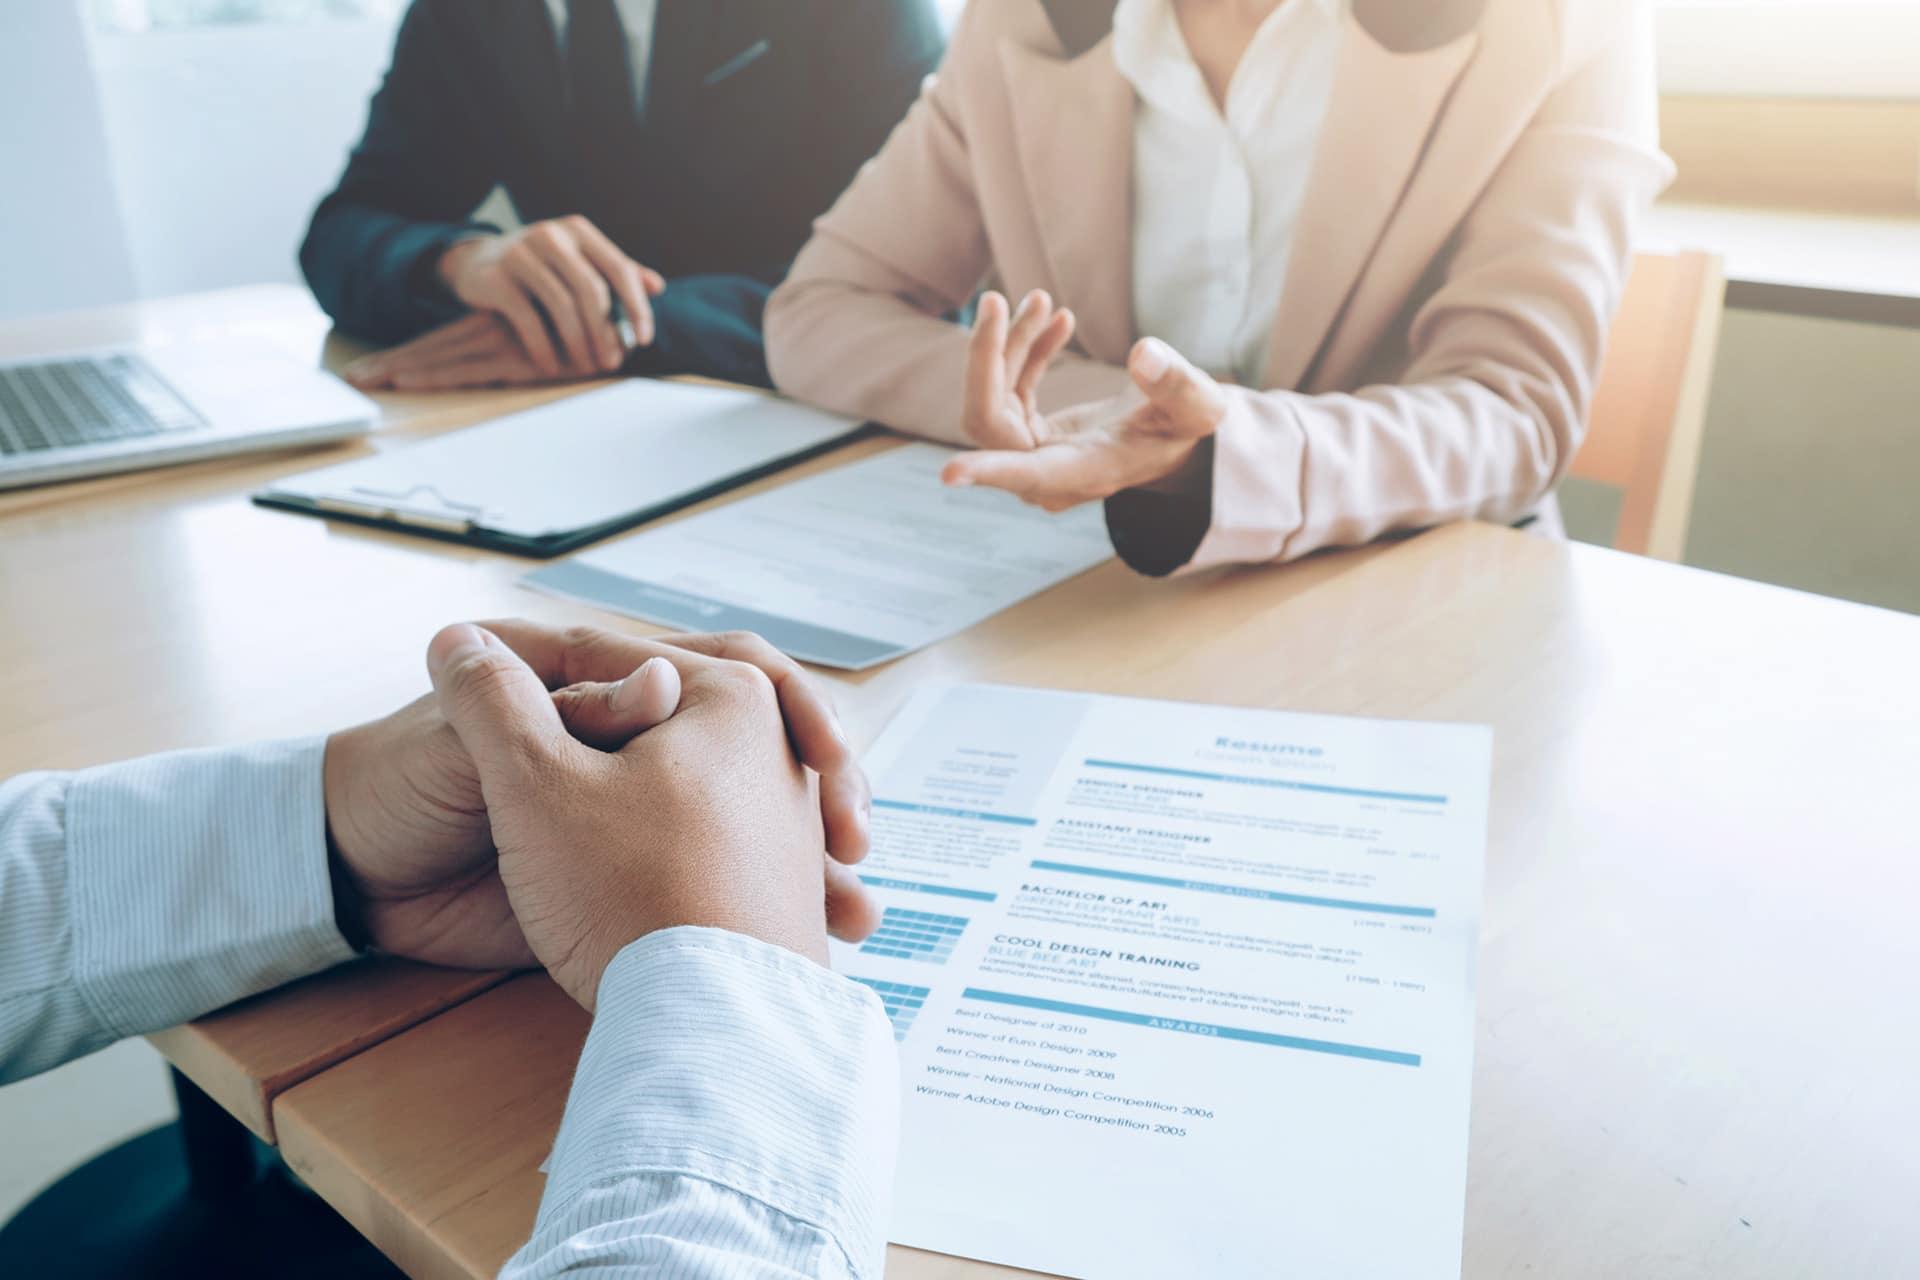 เขียน Resume ยังไง ? ให้ HR เห็นครั้งแรกแล้วอยากเรียกสัมภาษณ์ทันที